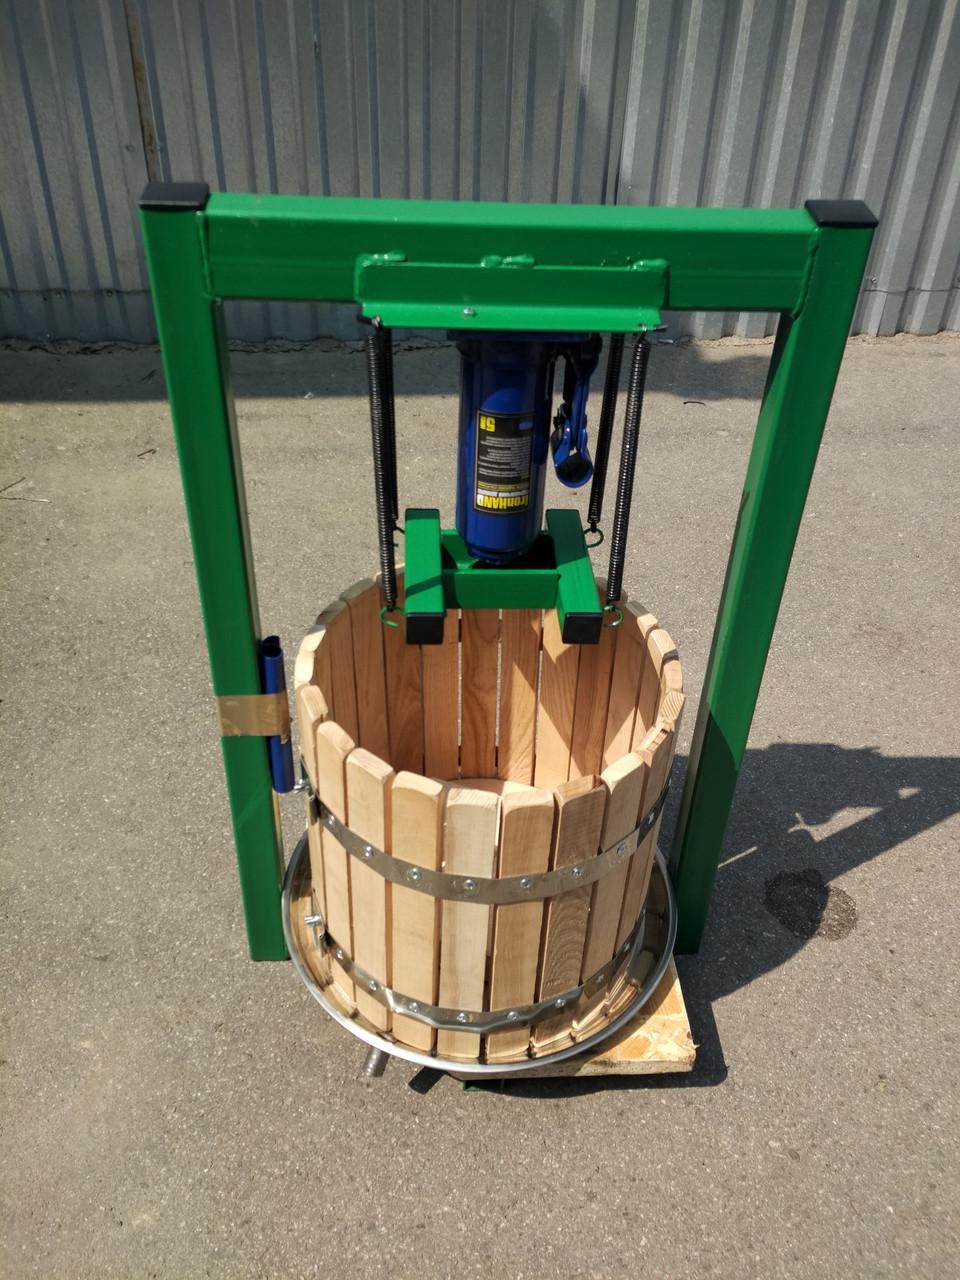 Пресс Дробилки для винограда 25л с домкратом, давление 5 тон.